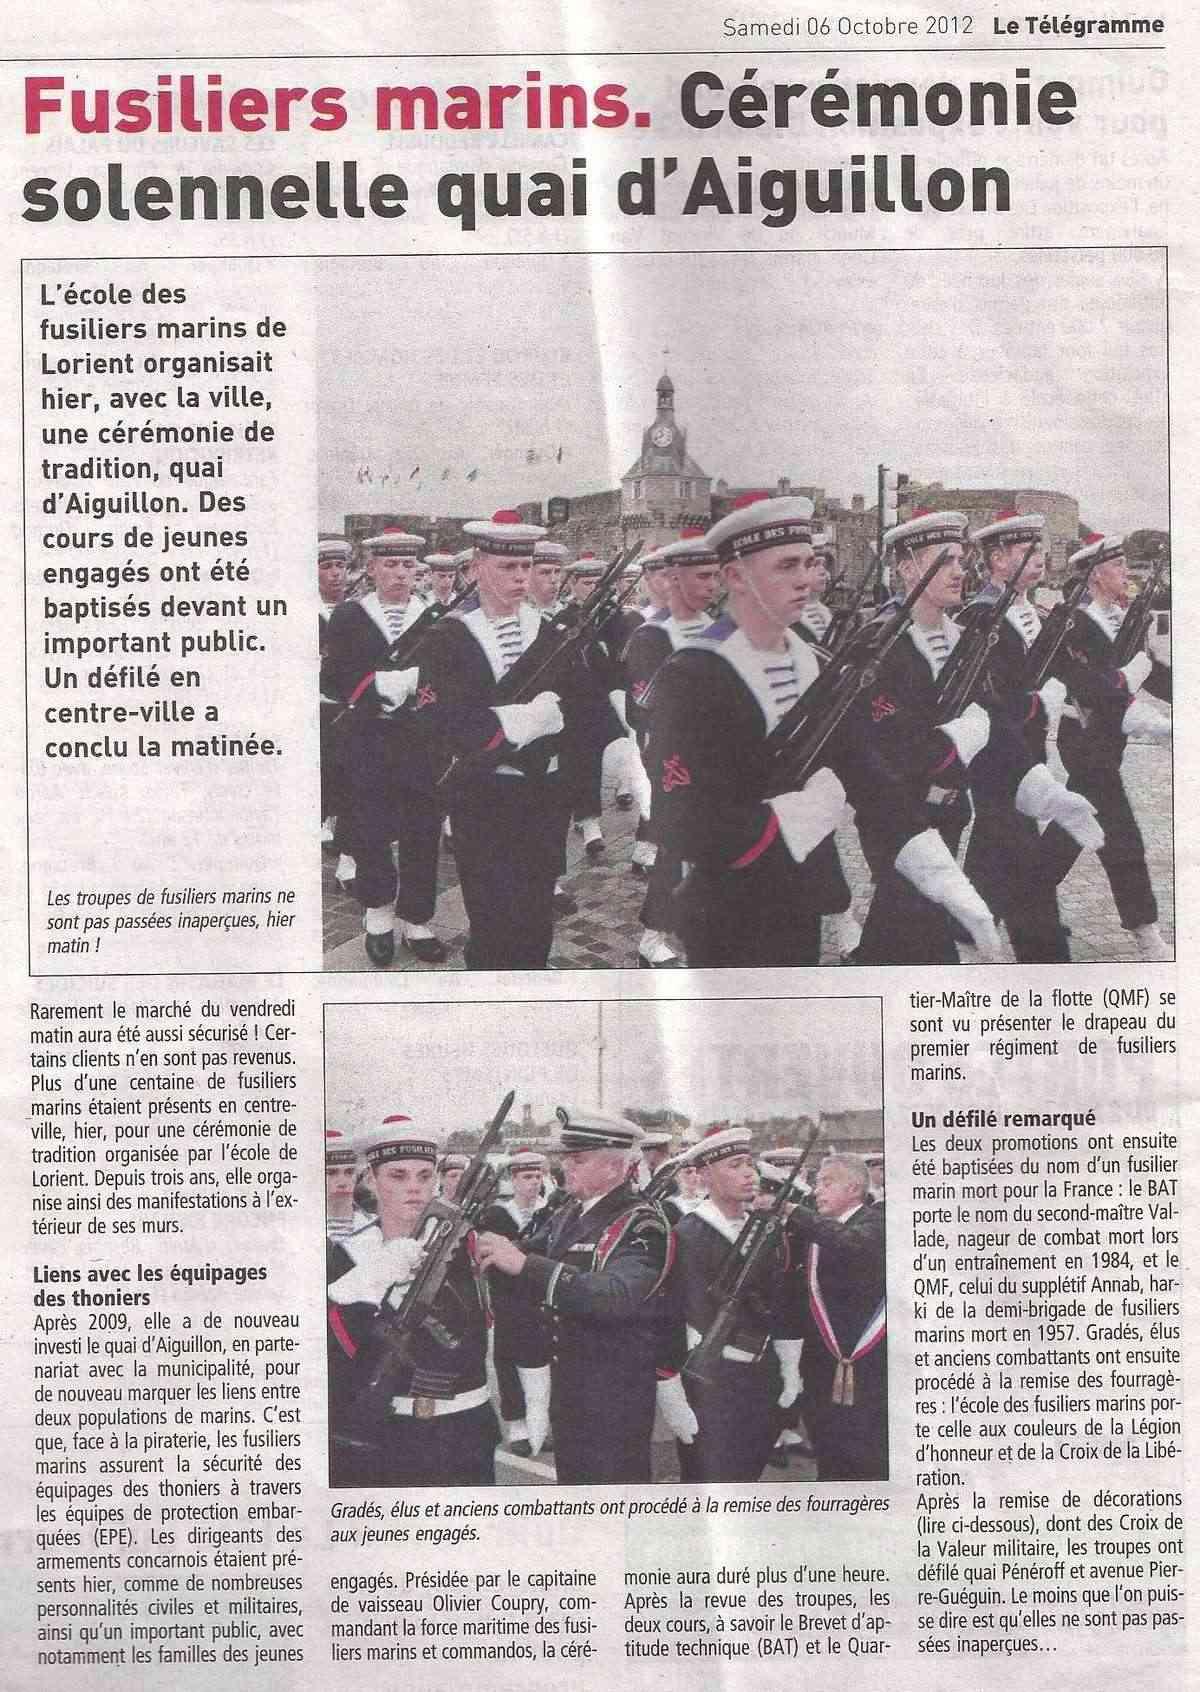 Reportage cérémonie de tradition Ecole des fusiliers à Concarneau Scan0139